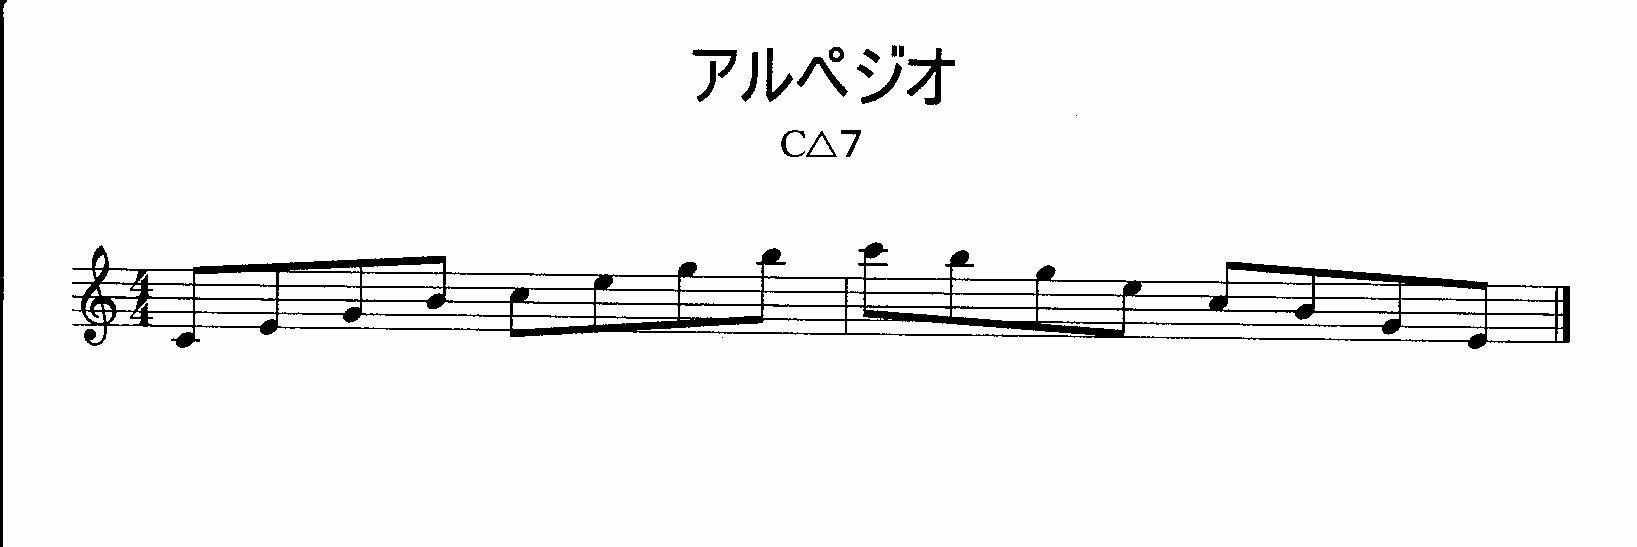 ジャズギター裏口入学(13)_000018